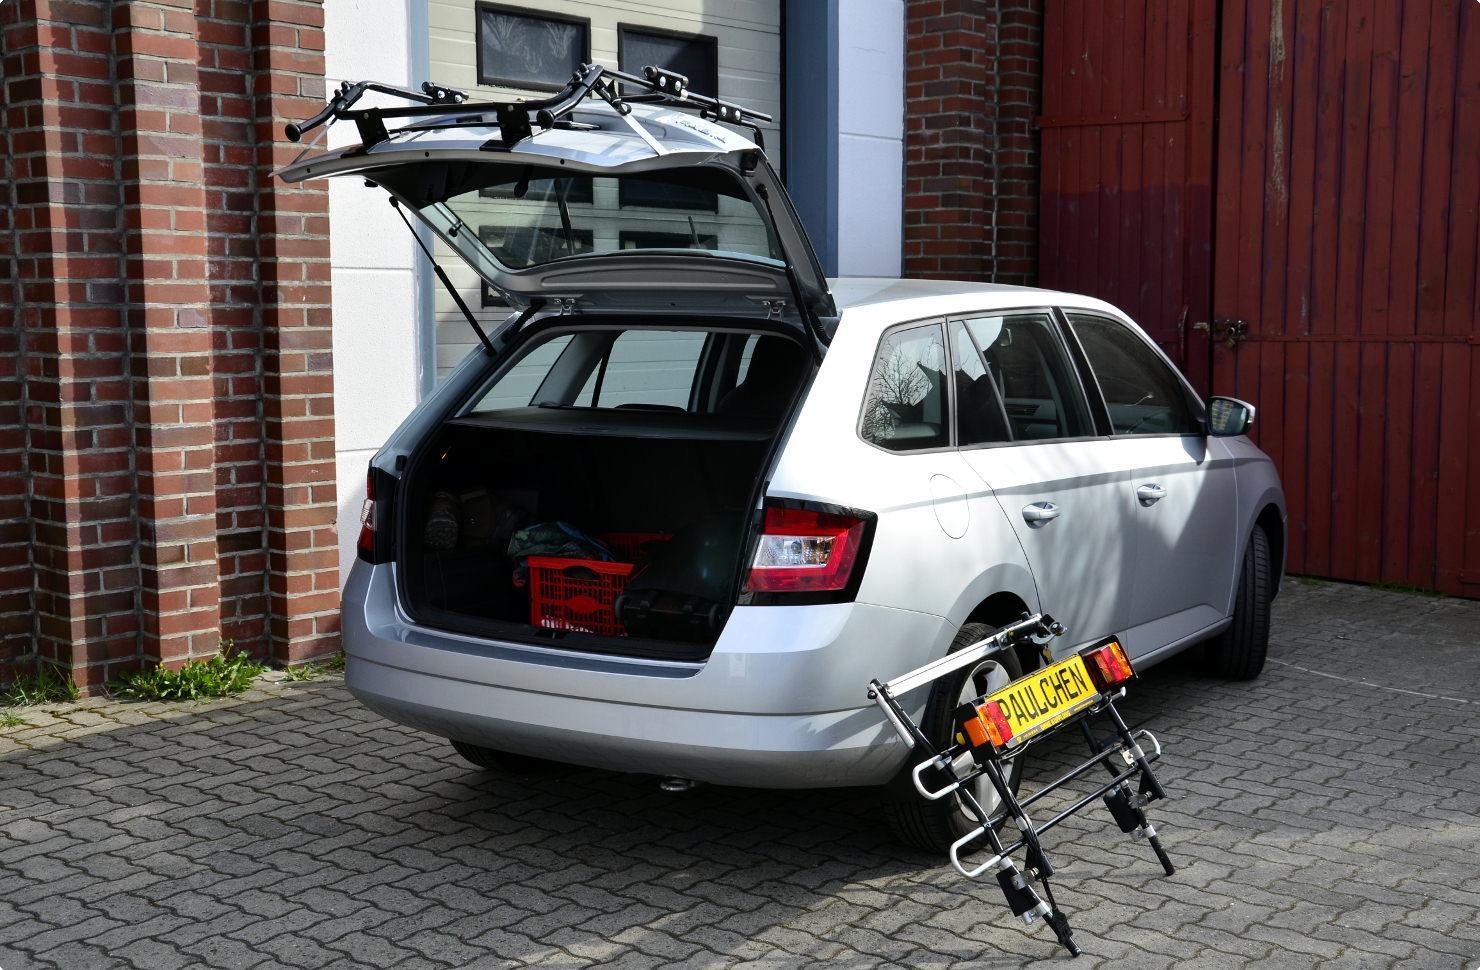 Bicycle Carrier For Skoda Fabia Iii Combi Nj5 Paulchen